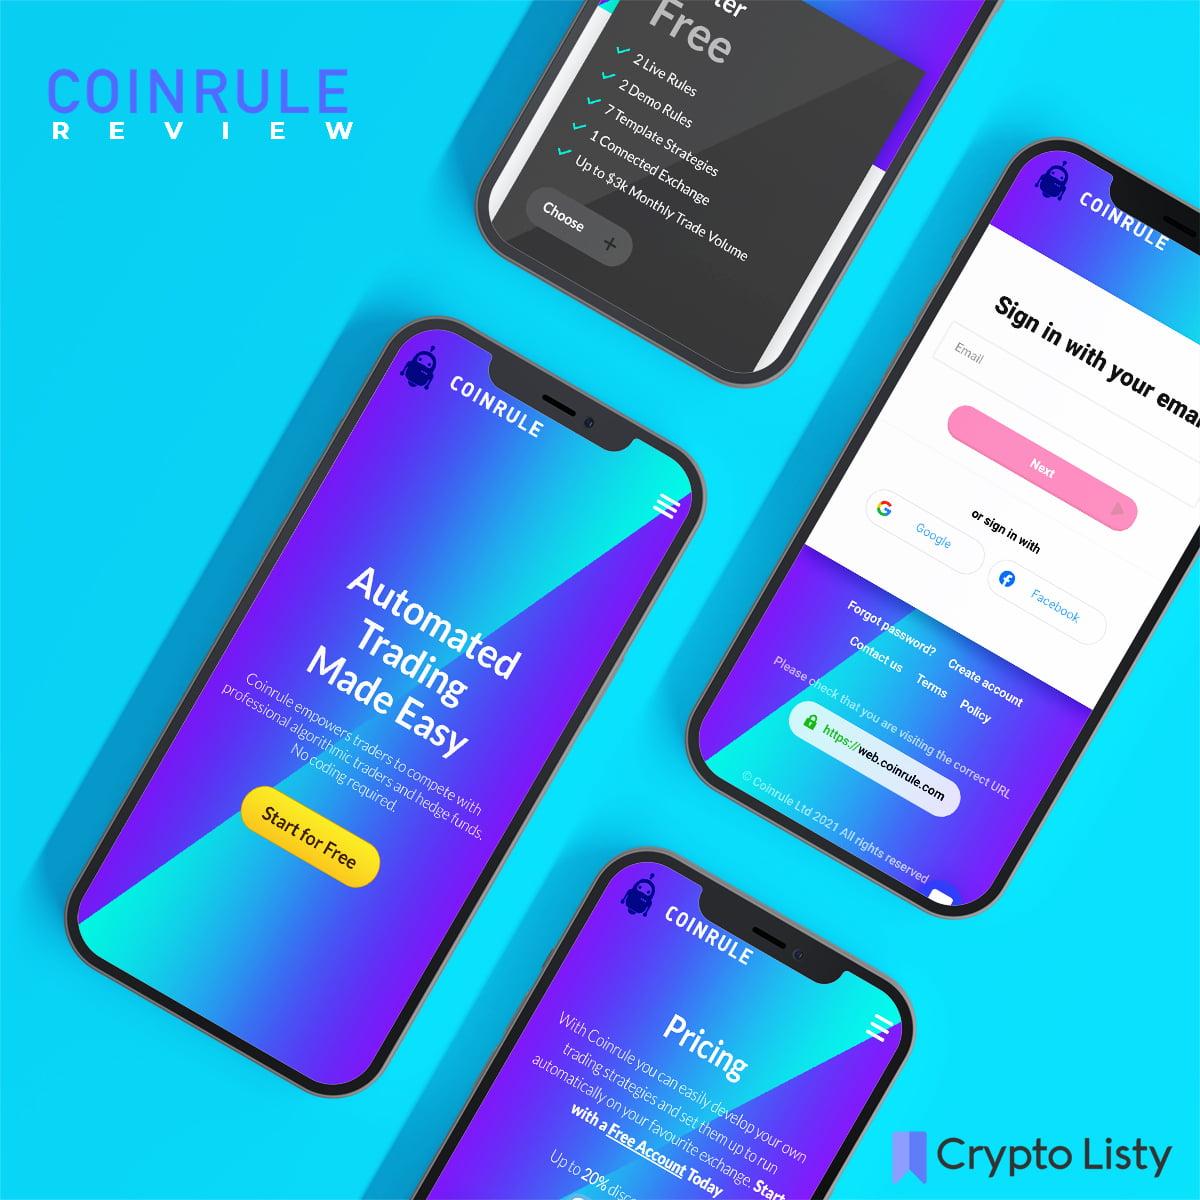 Phones browsing Coinrule website.